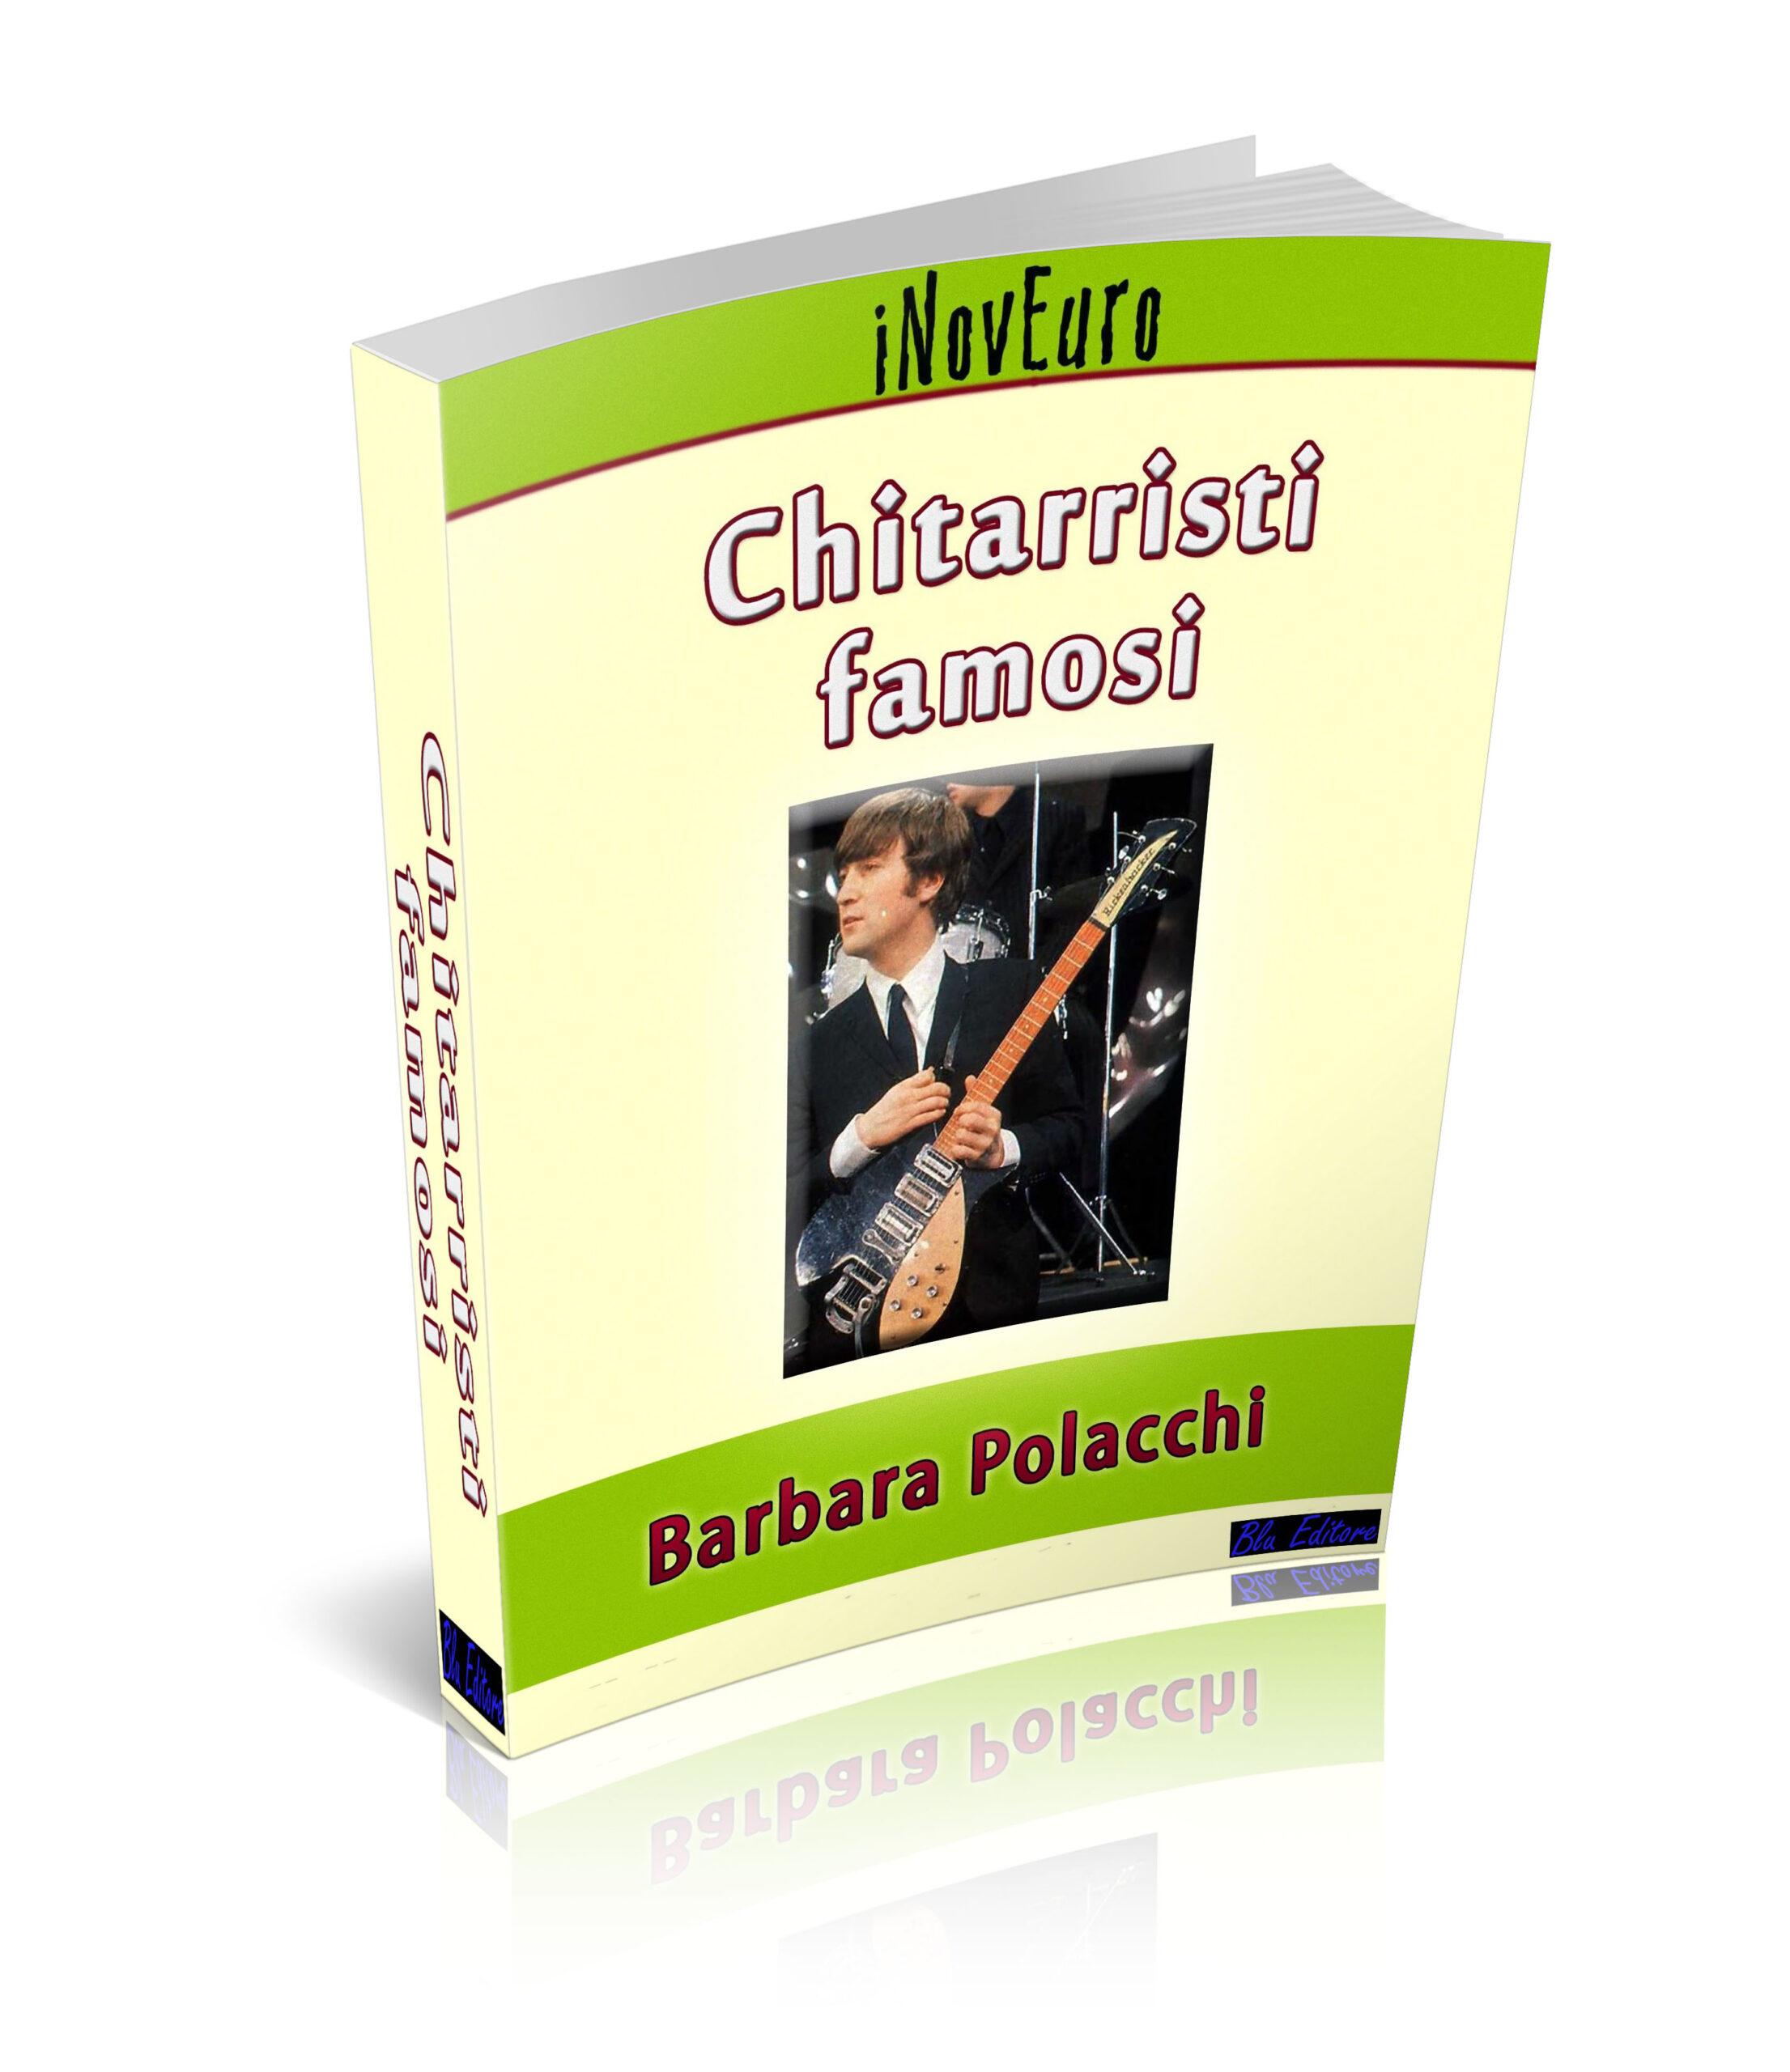 Chitarristi famosi